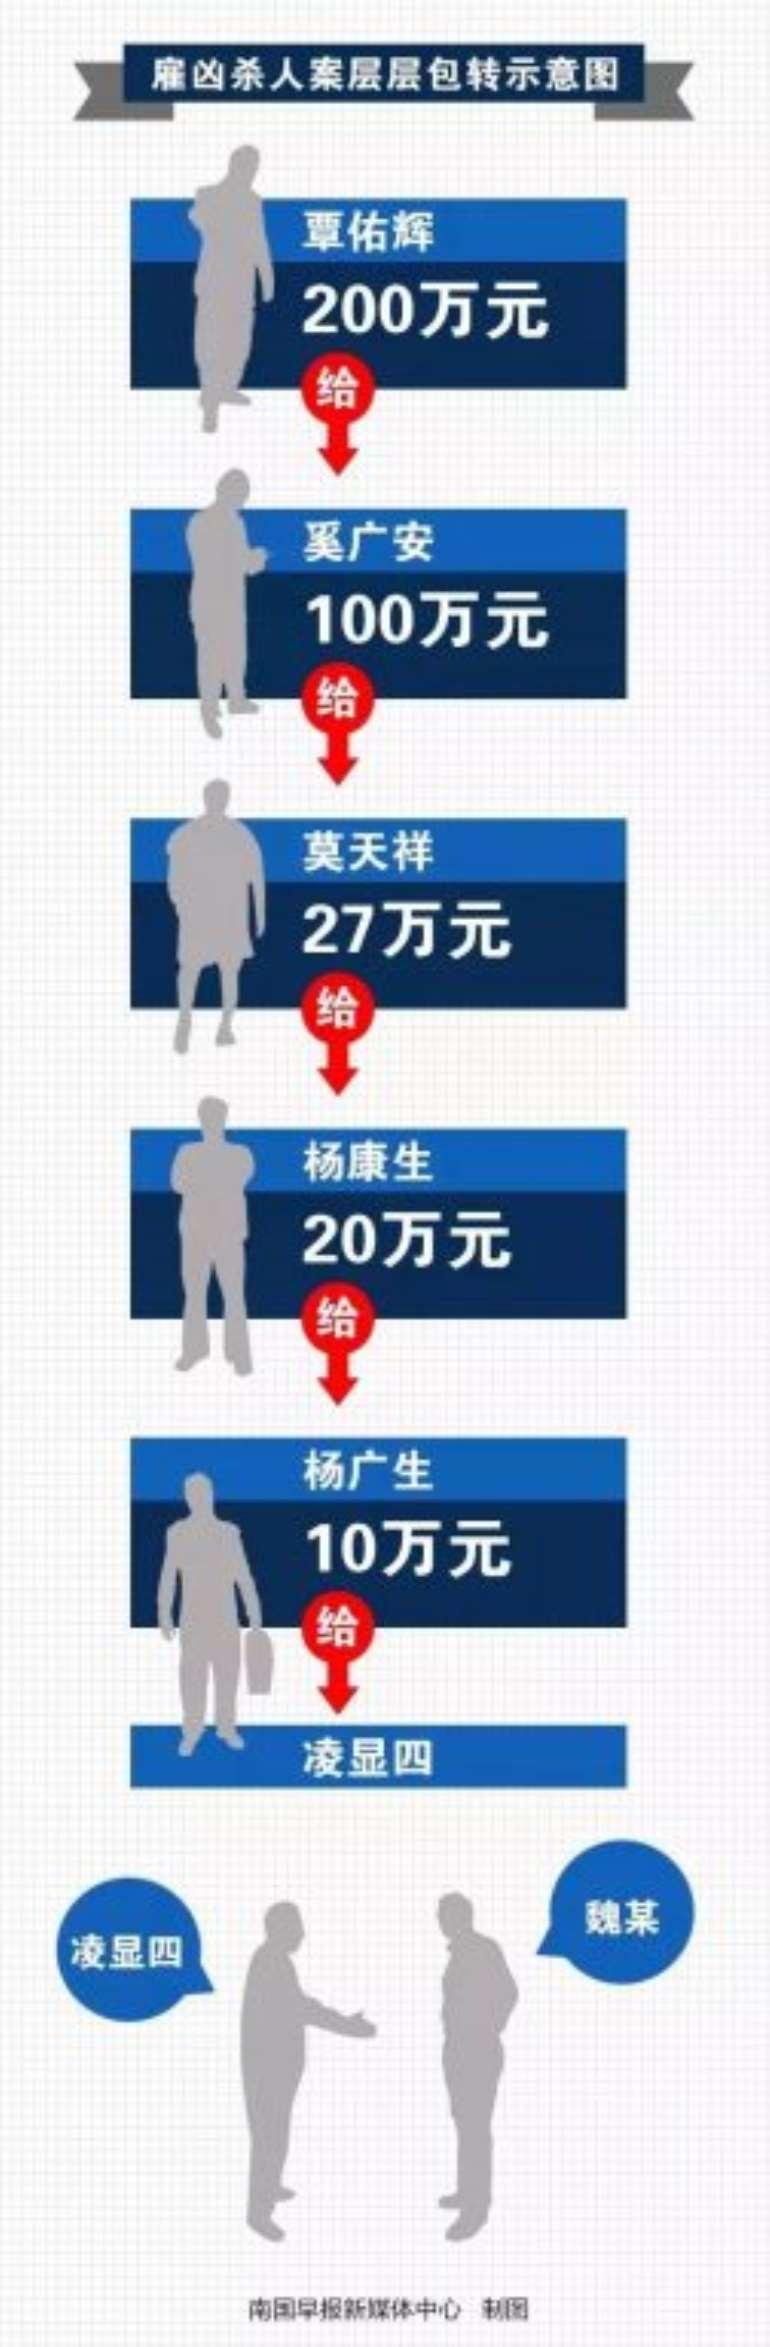 1023201963634-swnaqdcp5k-hitman-diagram.jpeg